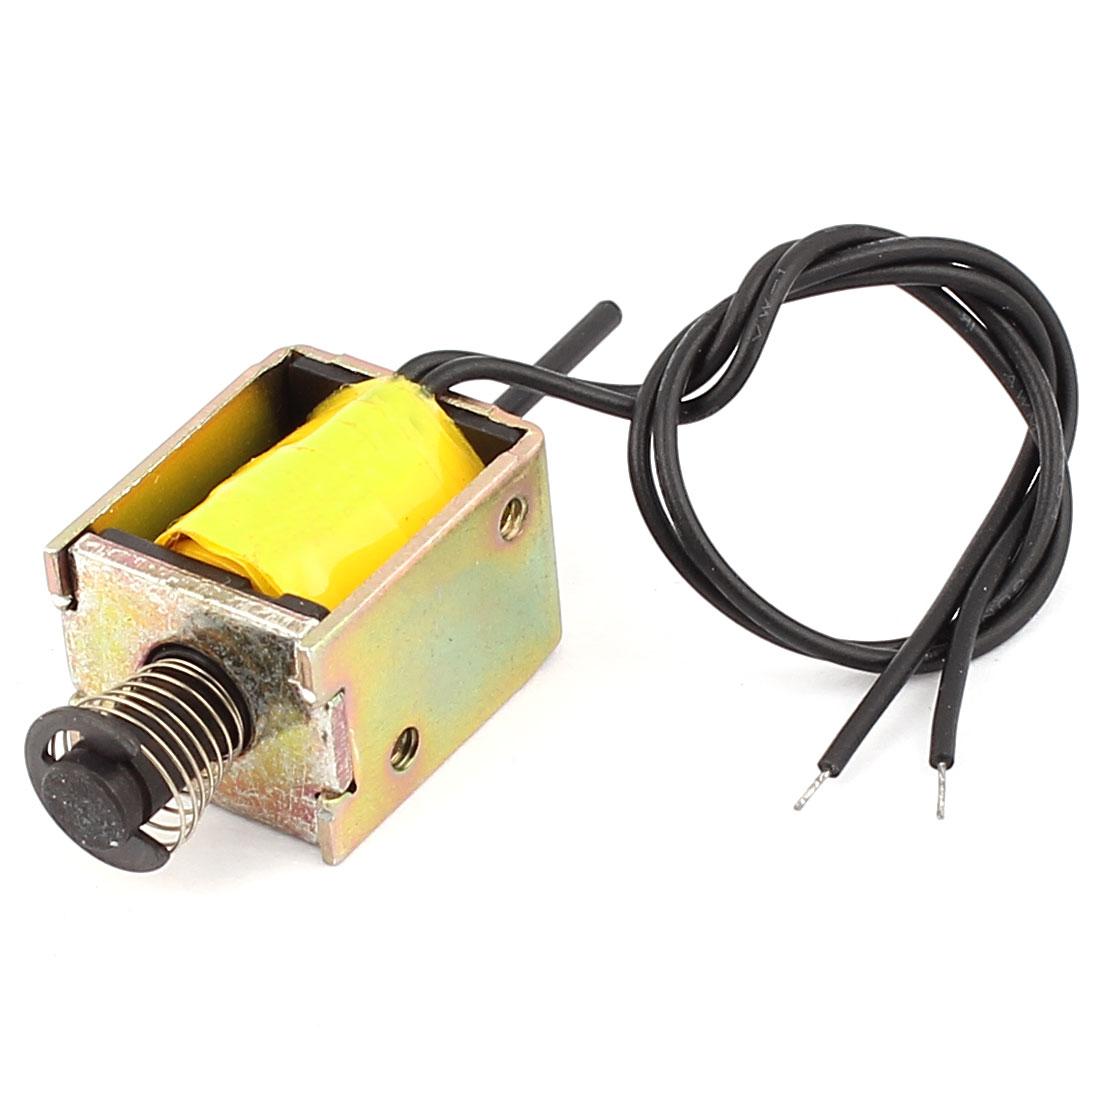 DC12V 0.2A 5mm Stroke Open Frame Actuator Solenoid Electromagnet